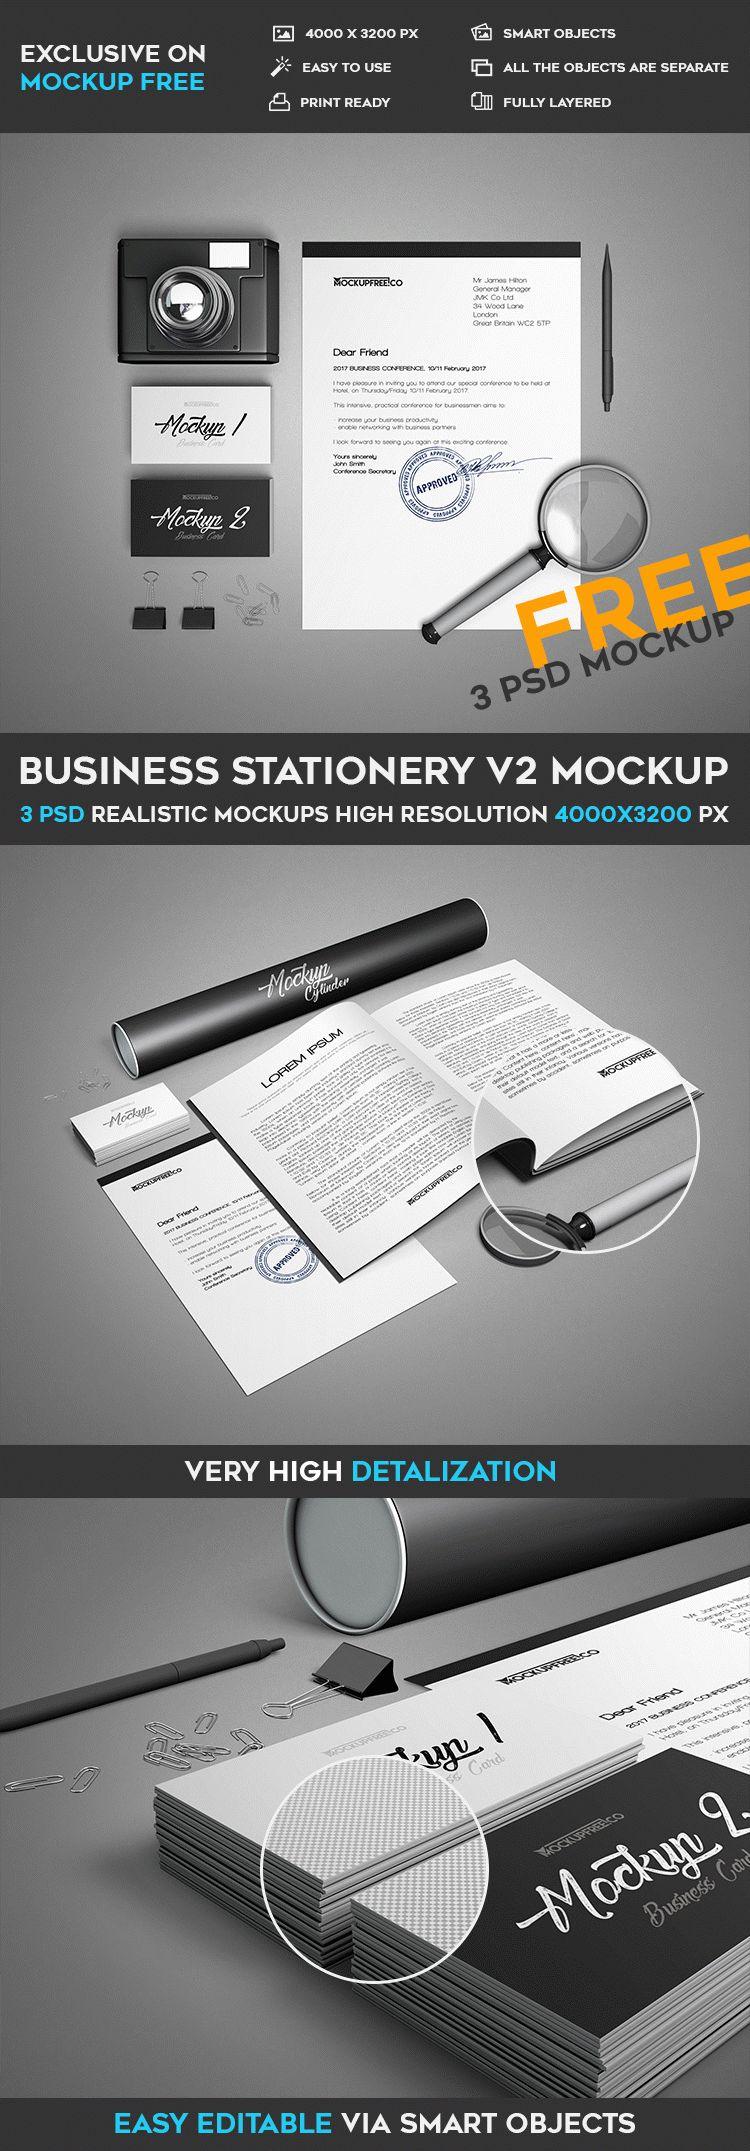 business stationery v2 3 free psd mockups download